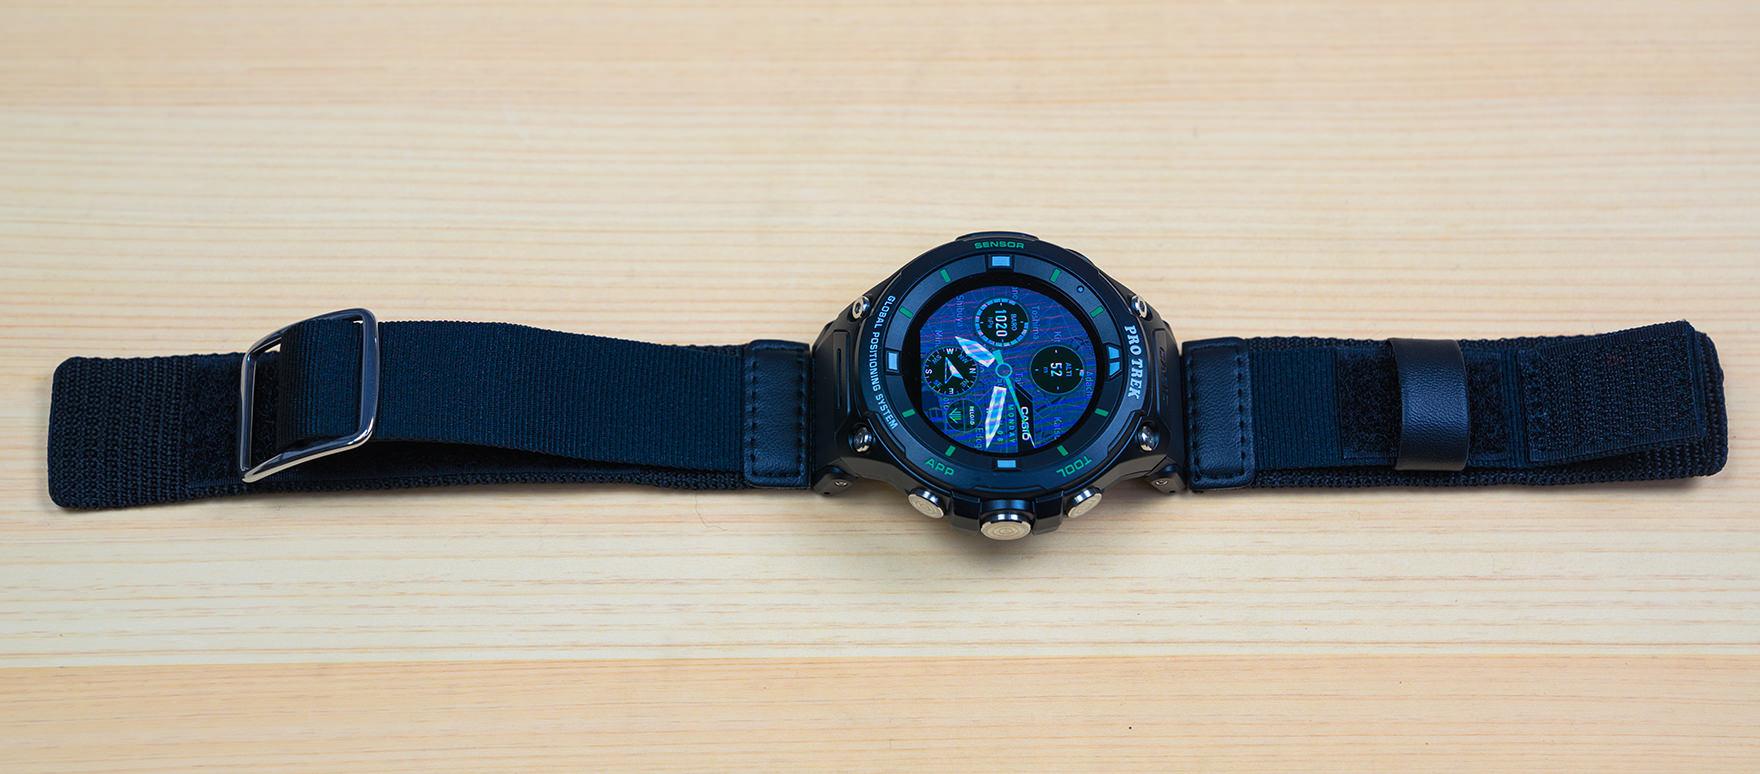 2bd80c5955 説明書などでは時計の上側に金具が付いている方を取り付けているが、自分の場合は逆の方が締めやすかったので逆にした。特に問題は出ていない。